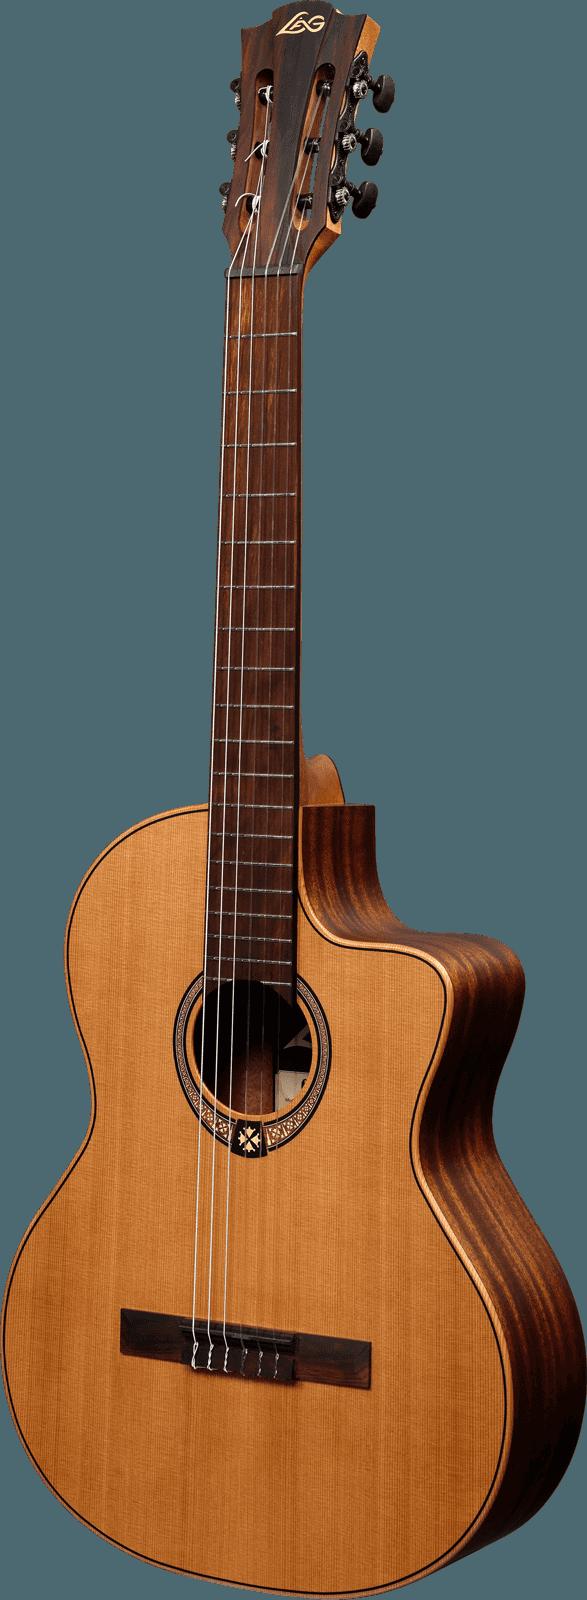 Guitare classique OC170CE - Voir en grand